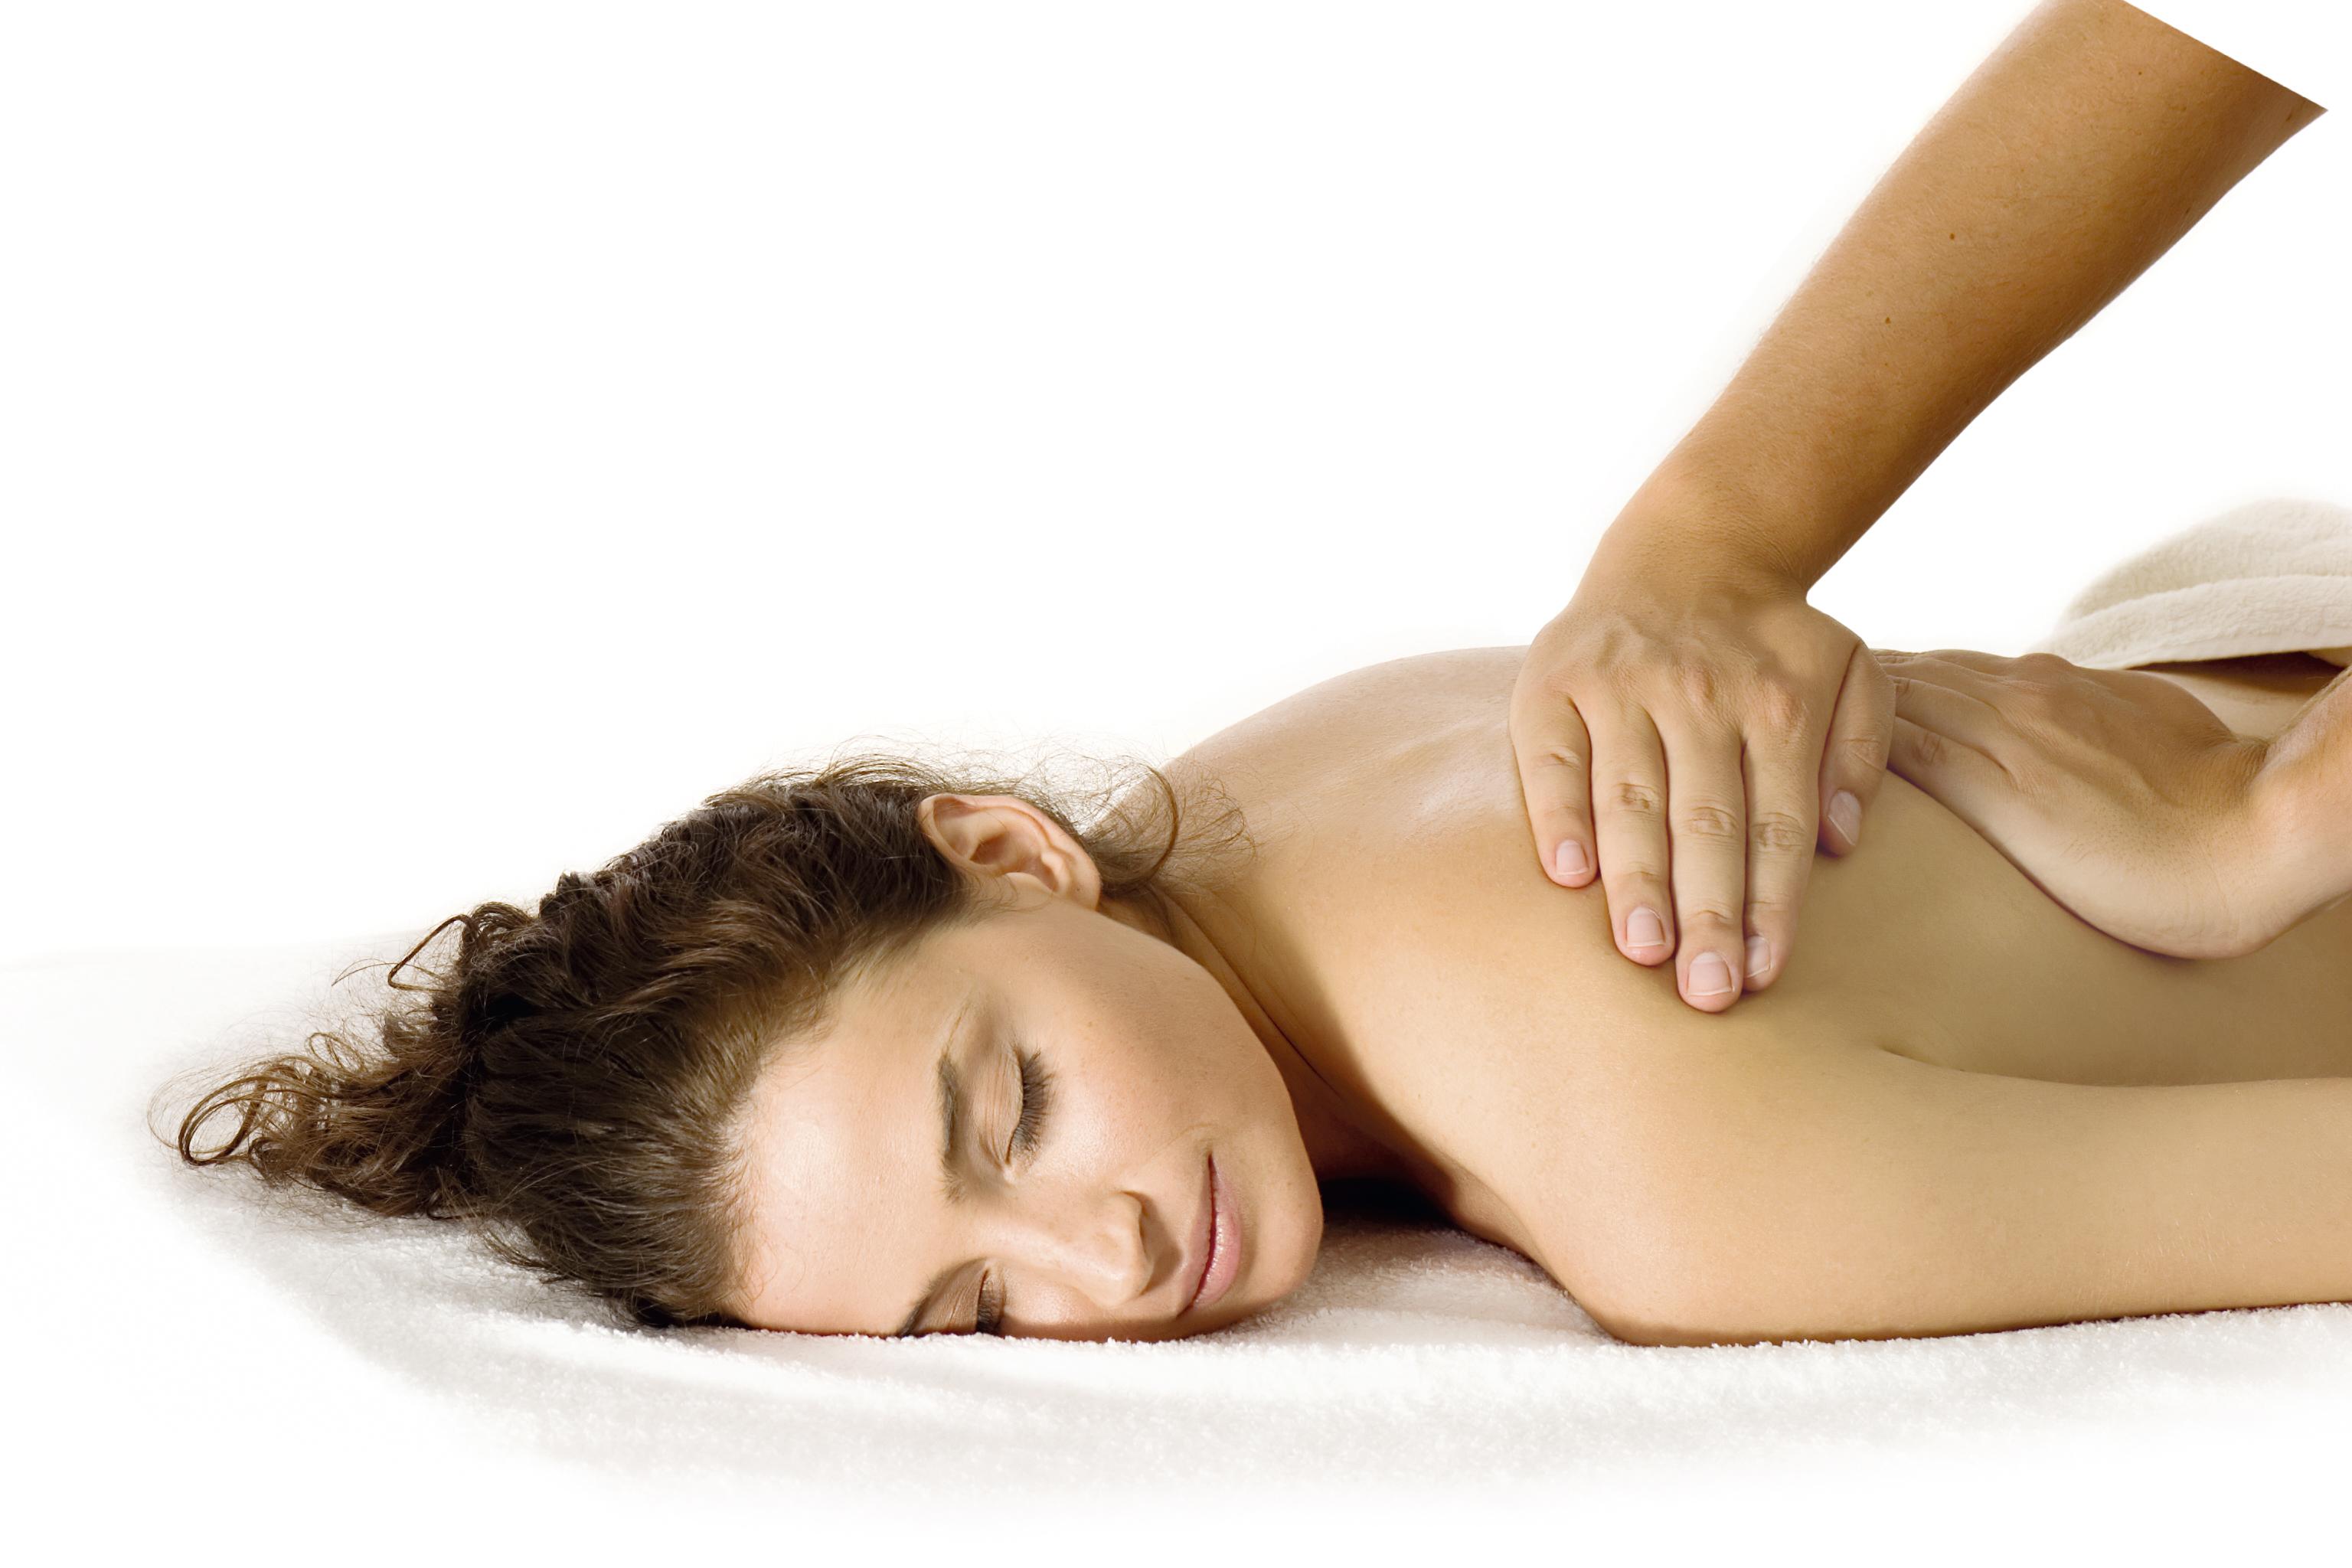 Симферополь тайский масаж 14 фотография